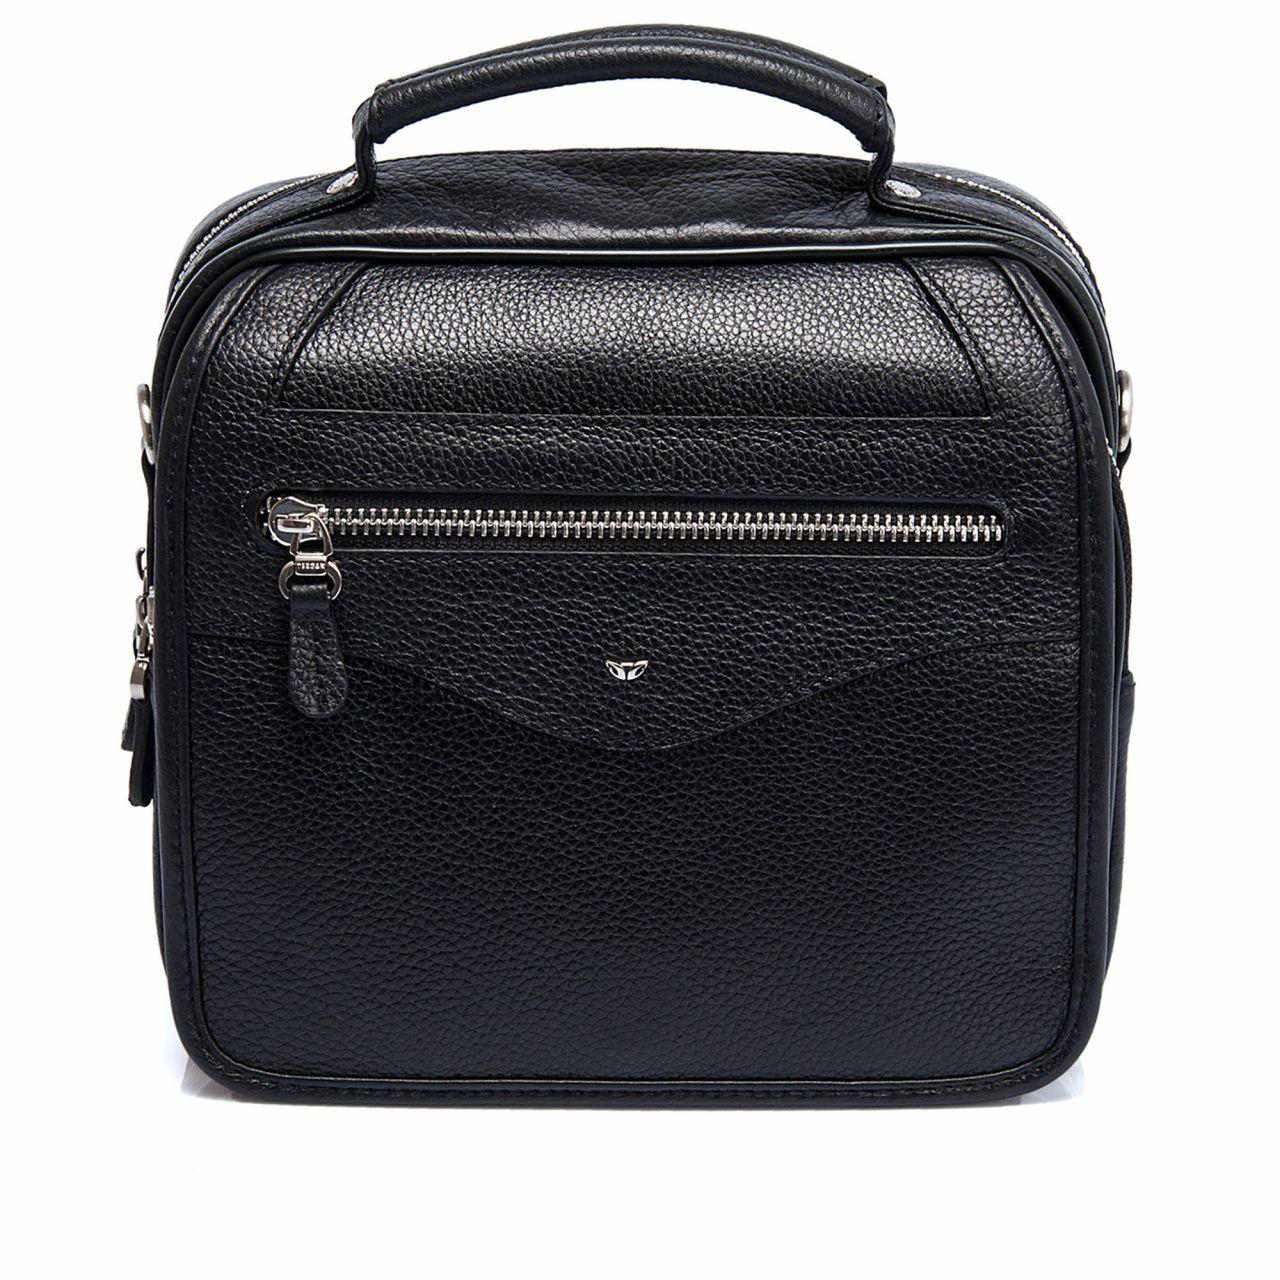 Men's genuine leather bag with shoulder strap